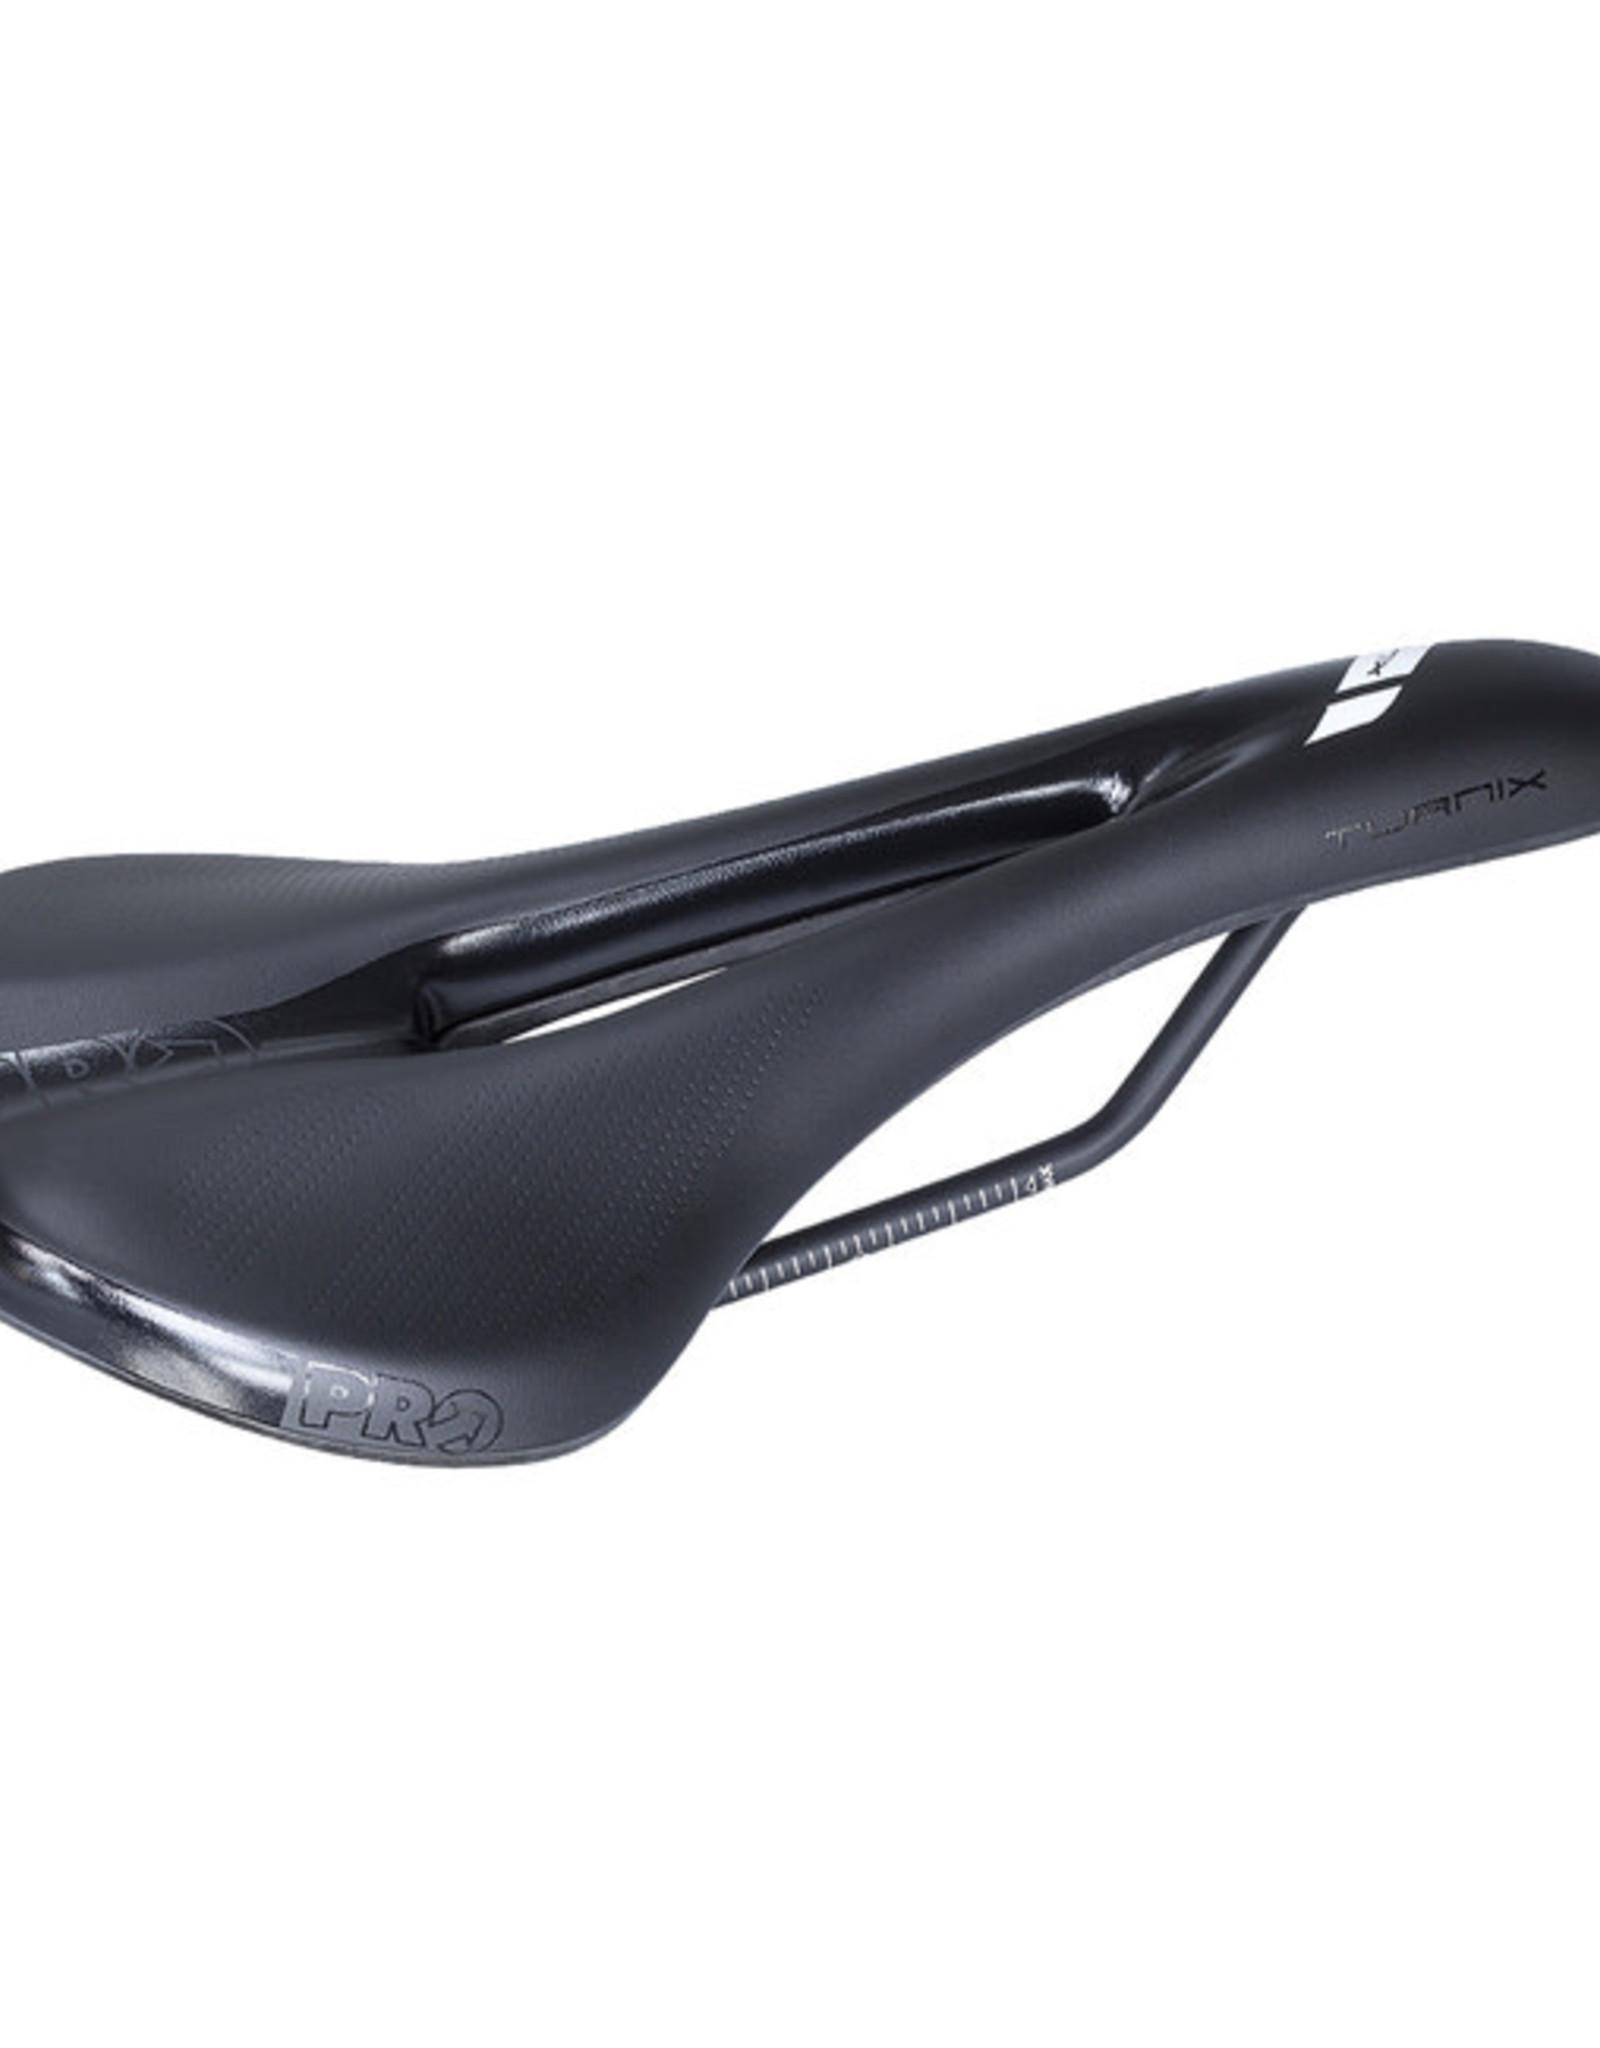 PRO - Turnix AF saddle 132mm